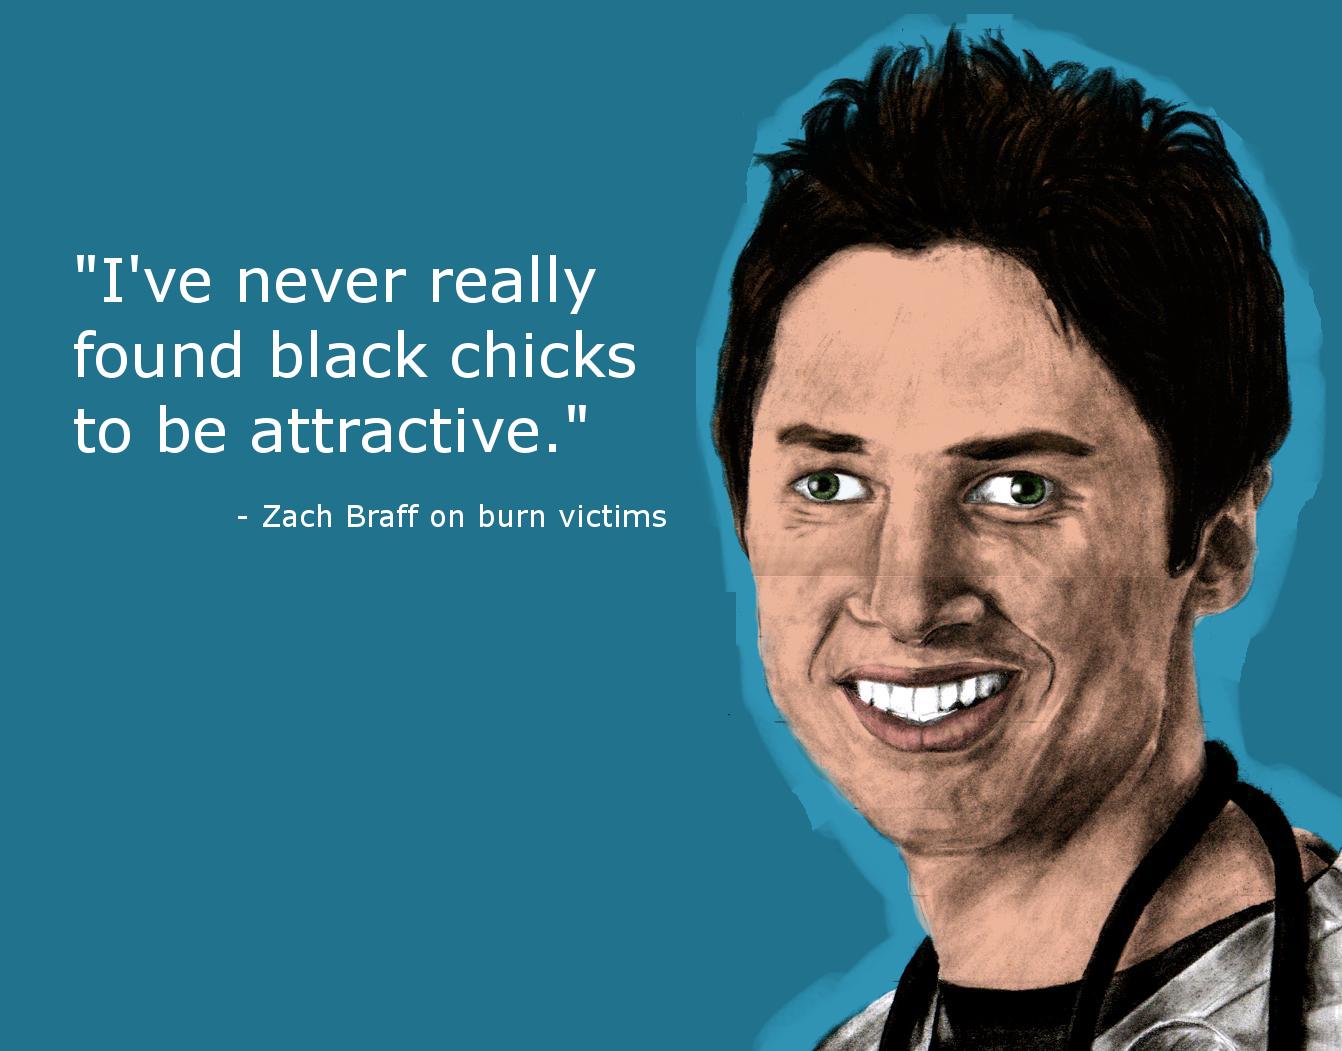 Zach Braff's quote #8